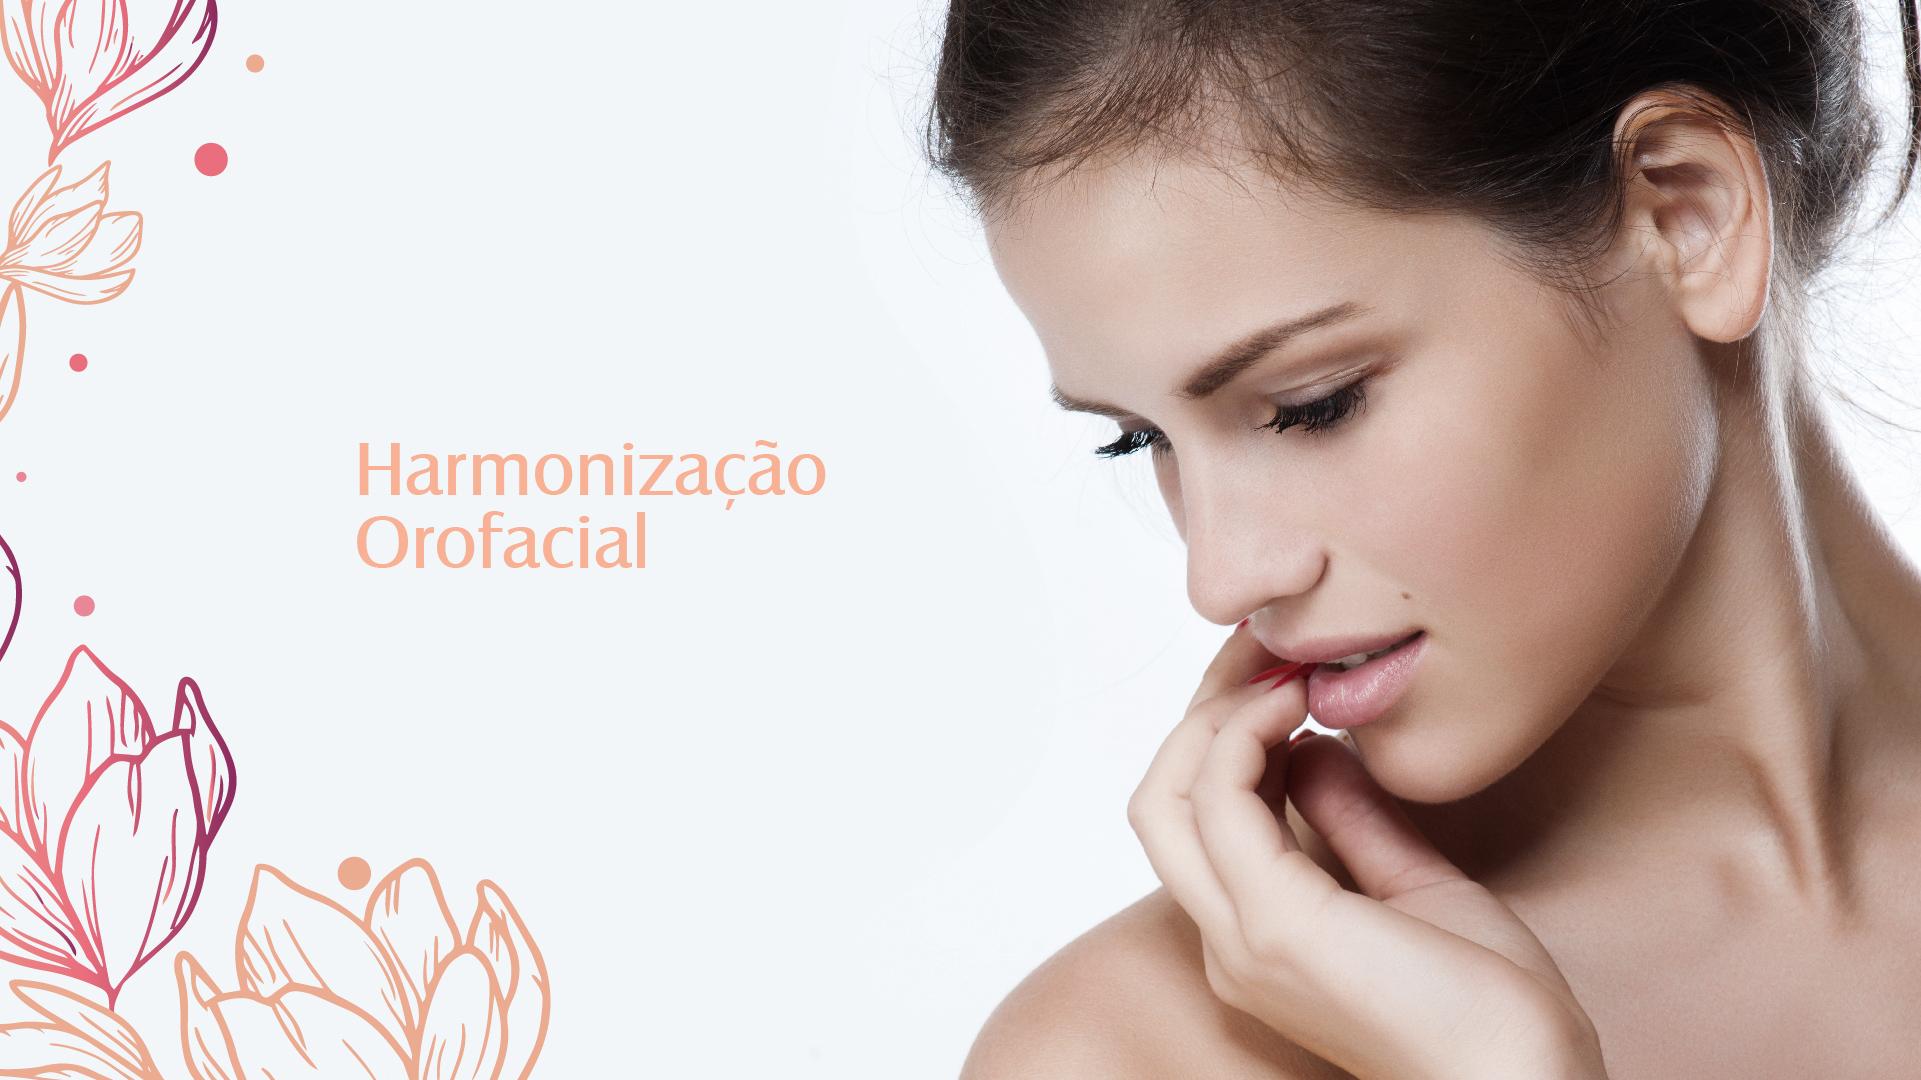 Odontologia Estética: Conheça a Harmonização Orofacial